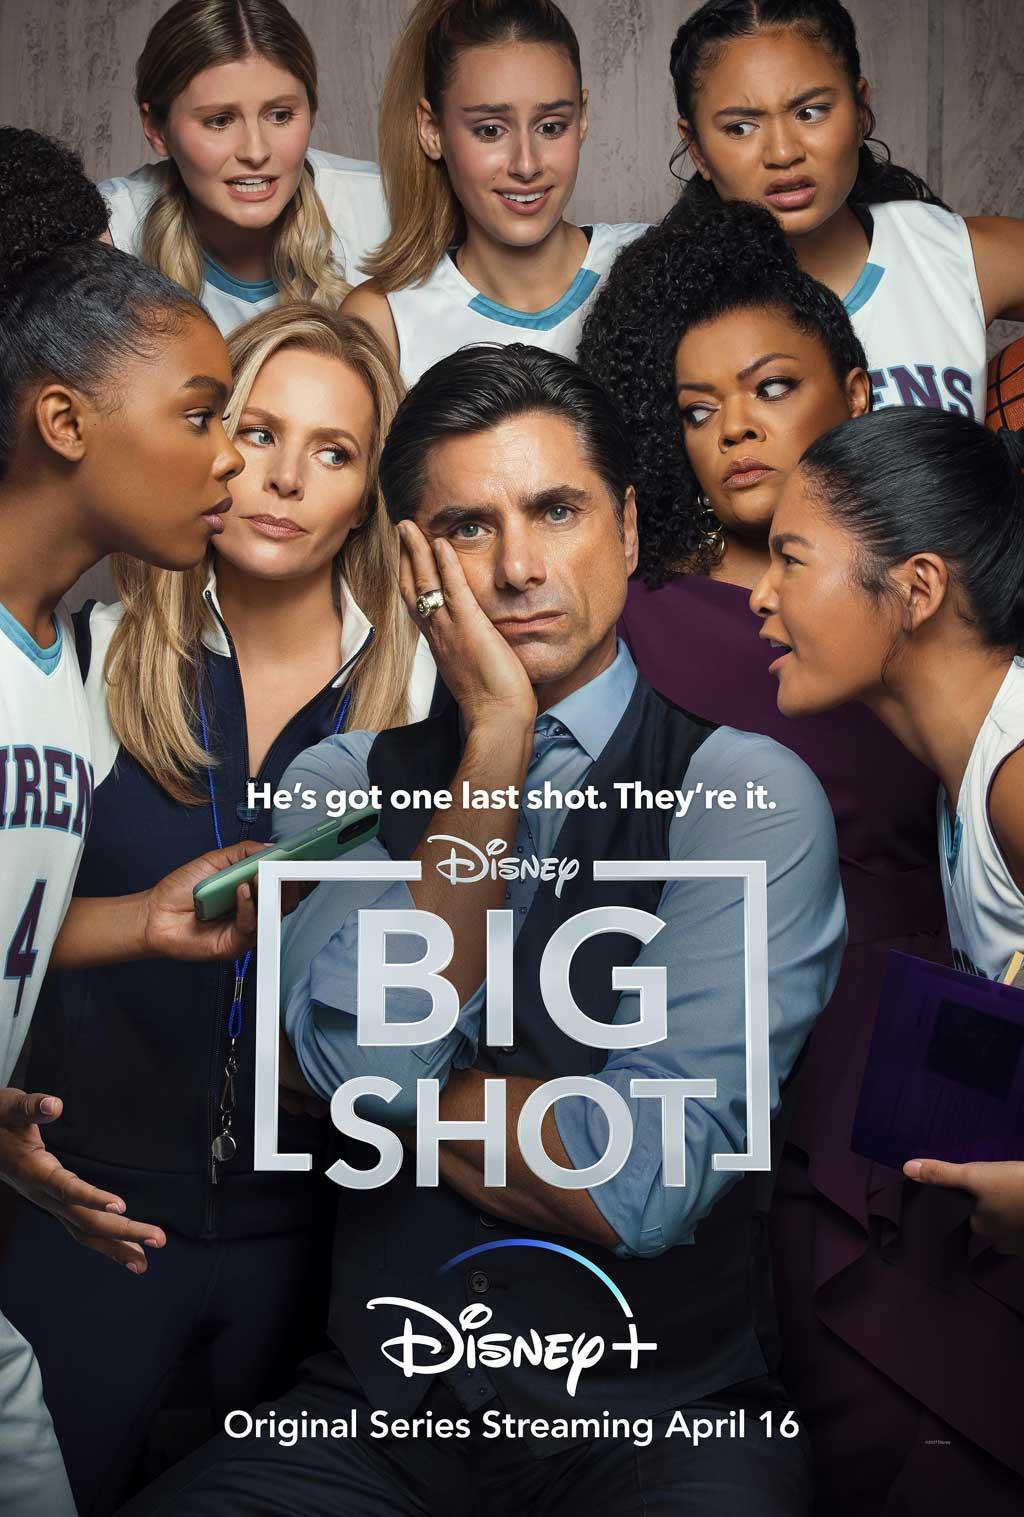 Disney+ Big Shot